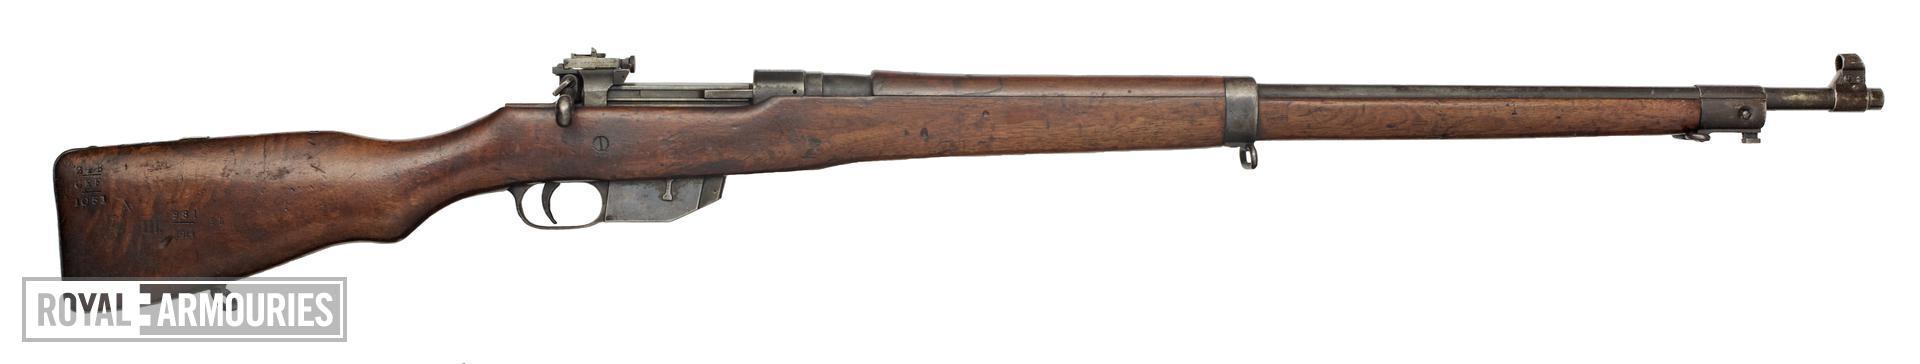 Centrefire bolt-action magazine rifle - Ross Model 1910